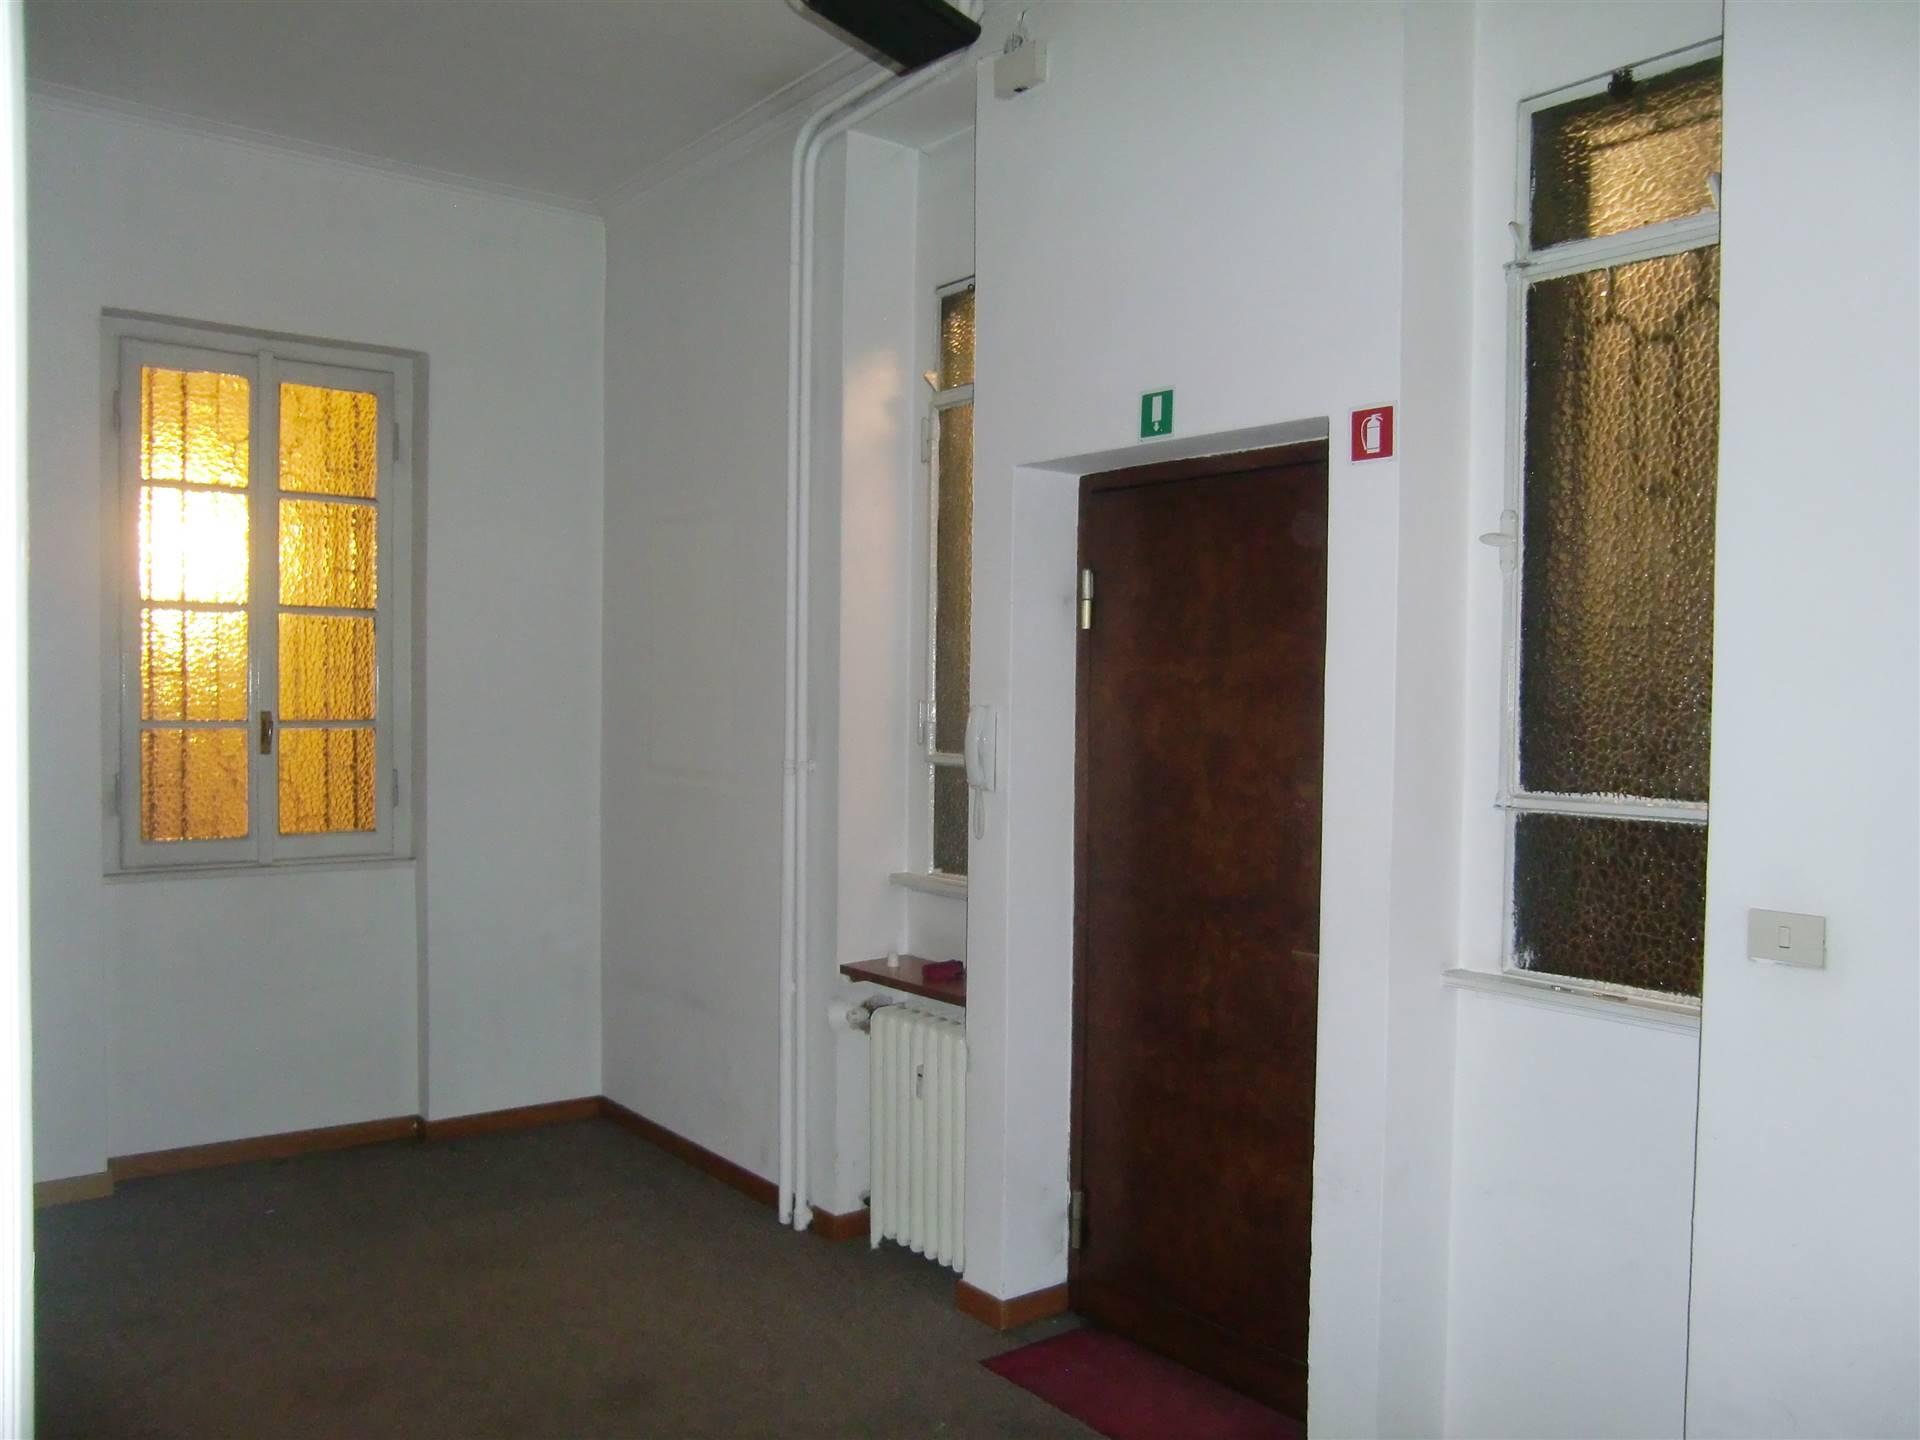 STAZIONE CENTRALE, MILANO, Ufficio in affitto, Riscaldamento Centralizzato, Classe energetica: G, Epi: 338,63 kwh/m3 anno, posto al piano Rialzato su